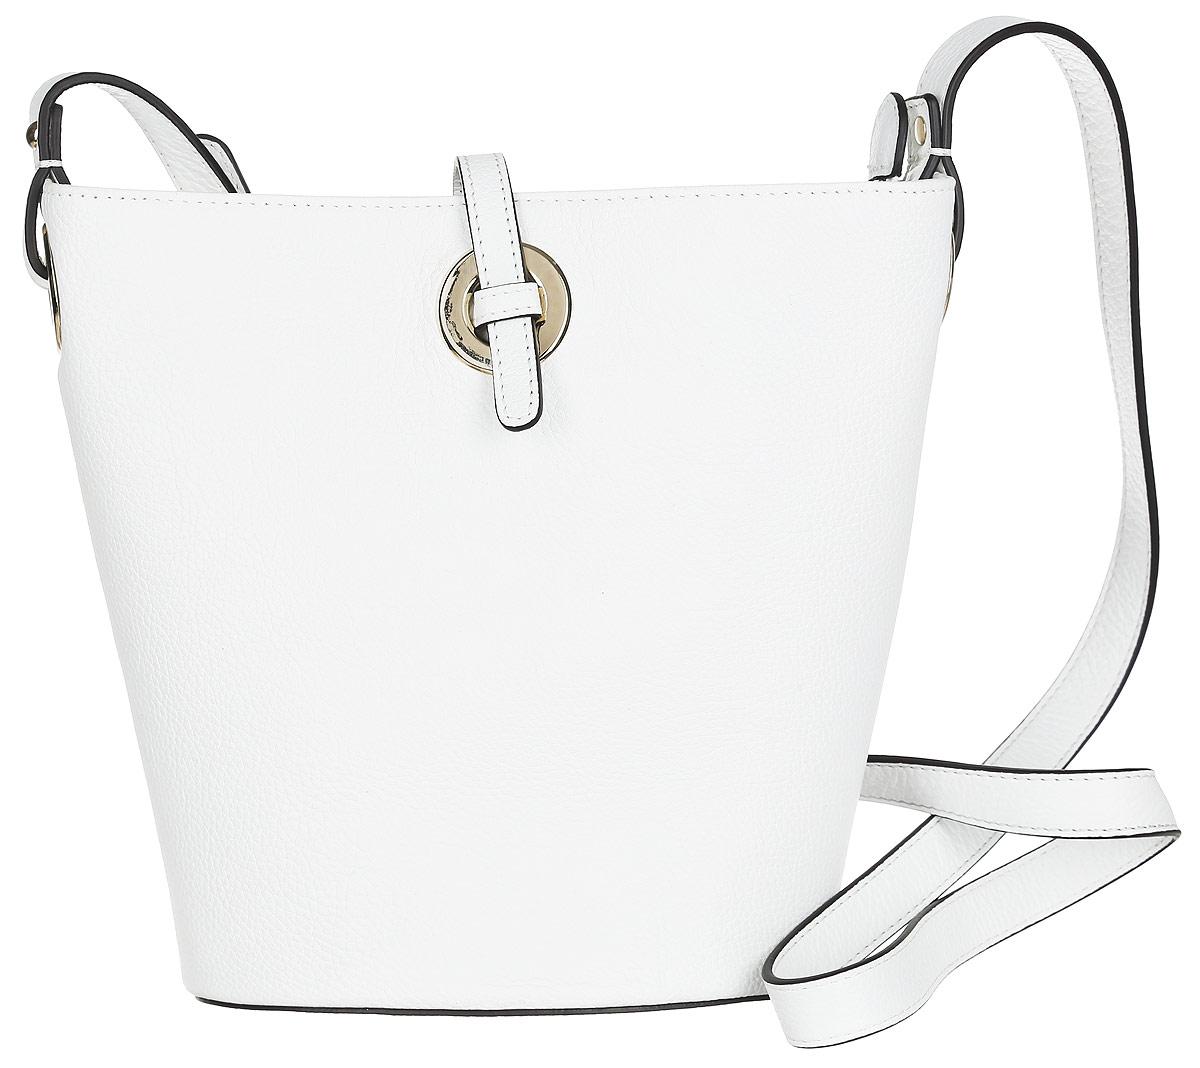 Сумка женская Palio, цвет: белый. 14379AR-0658-2Стильная сумка Palio, выполненная из натуральной кожи с зернистой фактурой, оформлена металлической фурнитурой.Изделие застегивается на застежку-молнию и дополнительно на хлястик. Внутри сумки расположены: накладной кармашек для мелочей и врезной карман на молнии. На задней стороне сумки расположен врезной карман на молнии. Изделие оснащено плечевым ремнем регулируемой длины. К сумке прилагается фирменный чехол для хранения.Элегантная сумка прекрасно дополнит ваш образ.